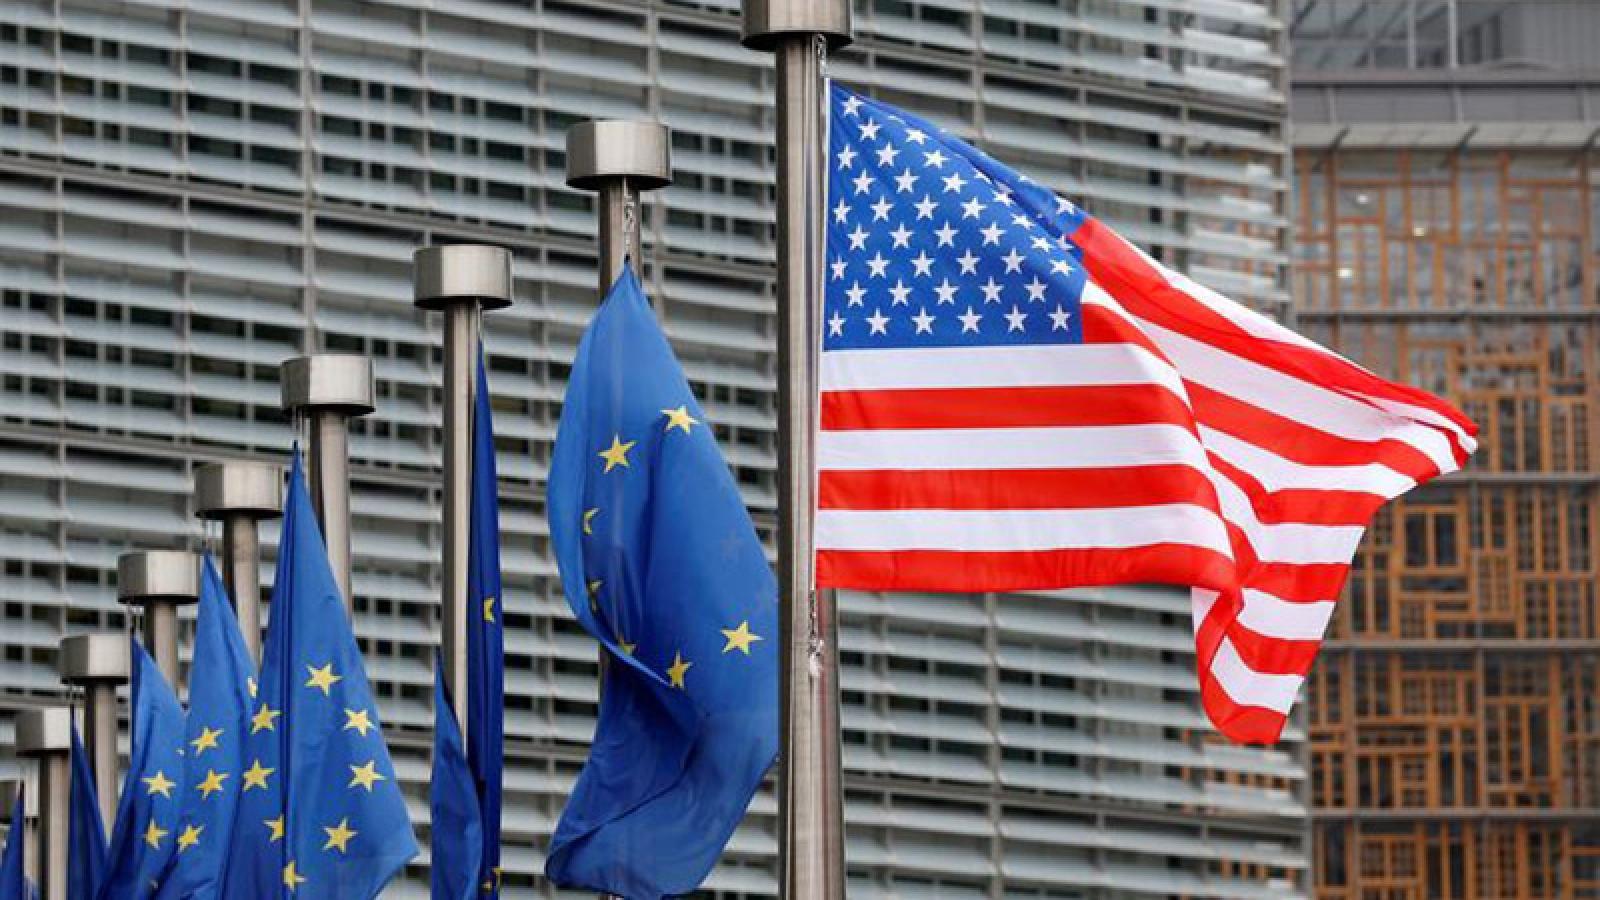 Châu Âu chấm dứt sự phụ thuộc chip Mỹ và châu Á vào năm 2030